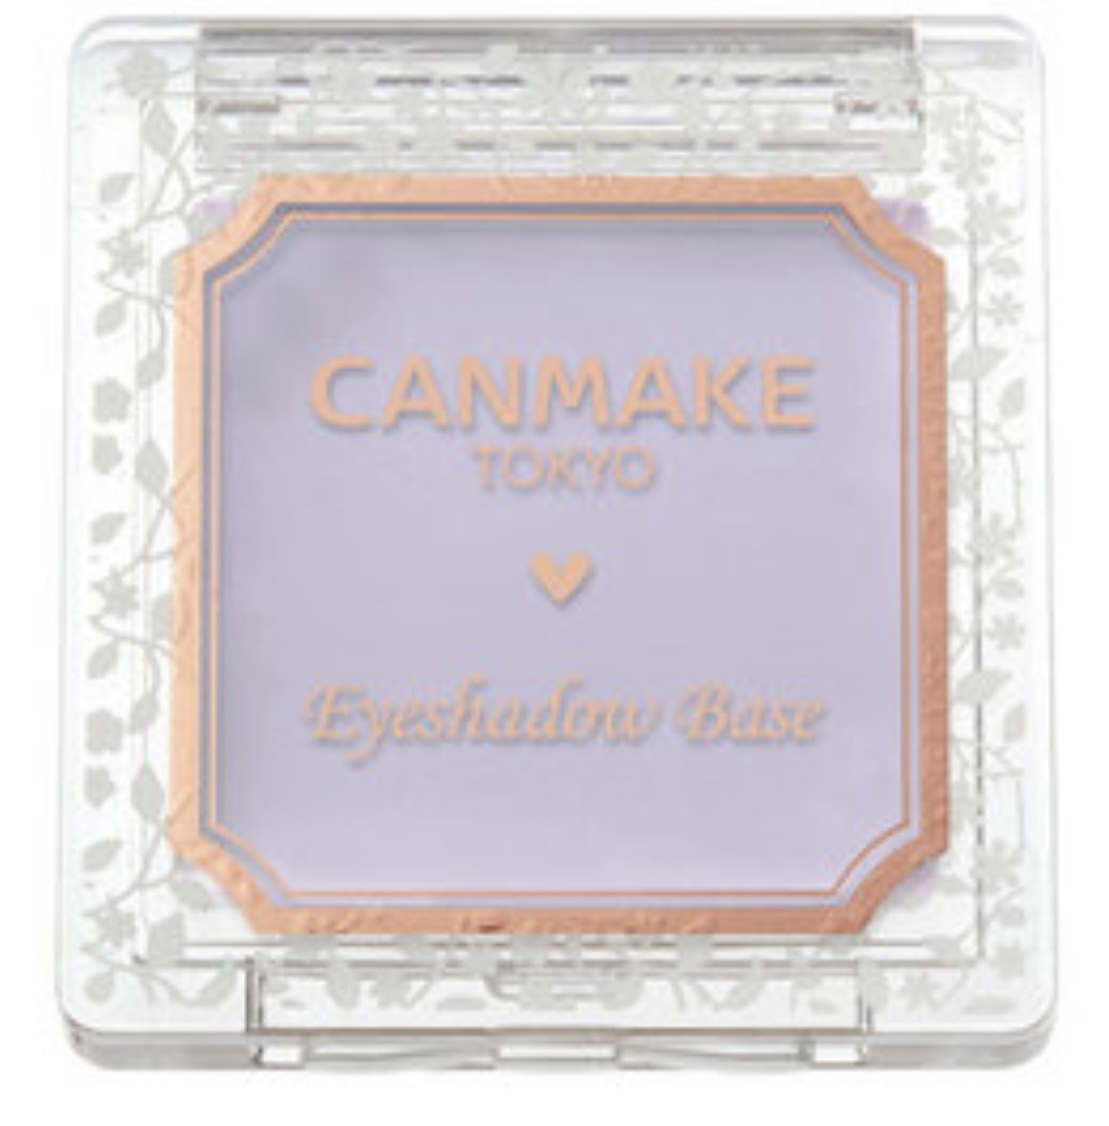 CANMAKE(キャンメイク)アイシャドウベースを使った 砂糖さんのクチコミ画像